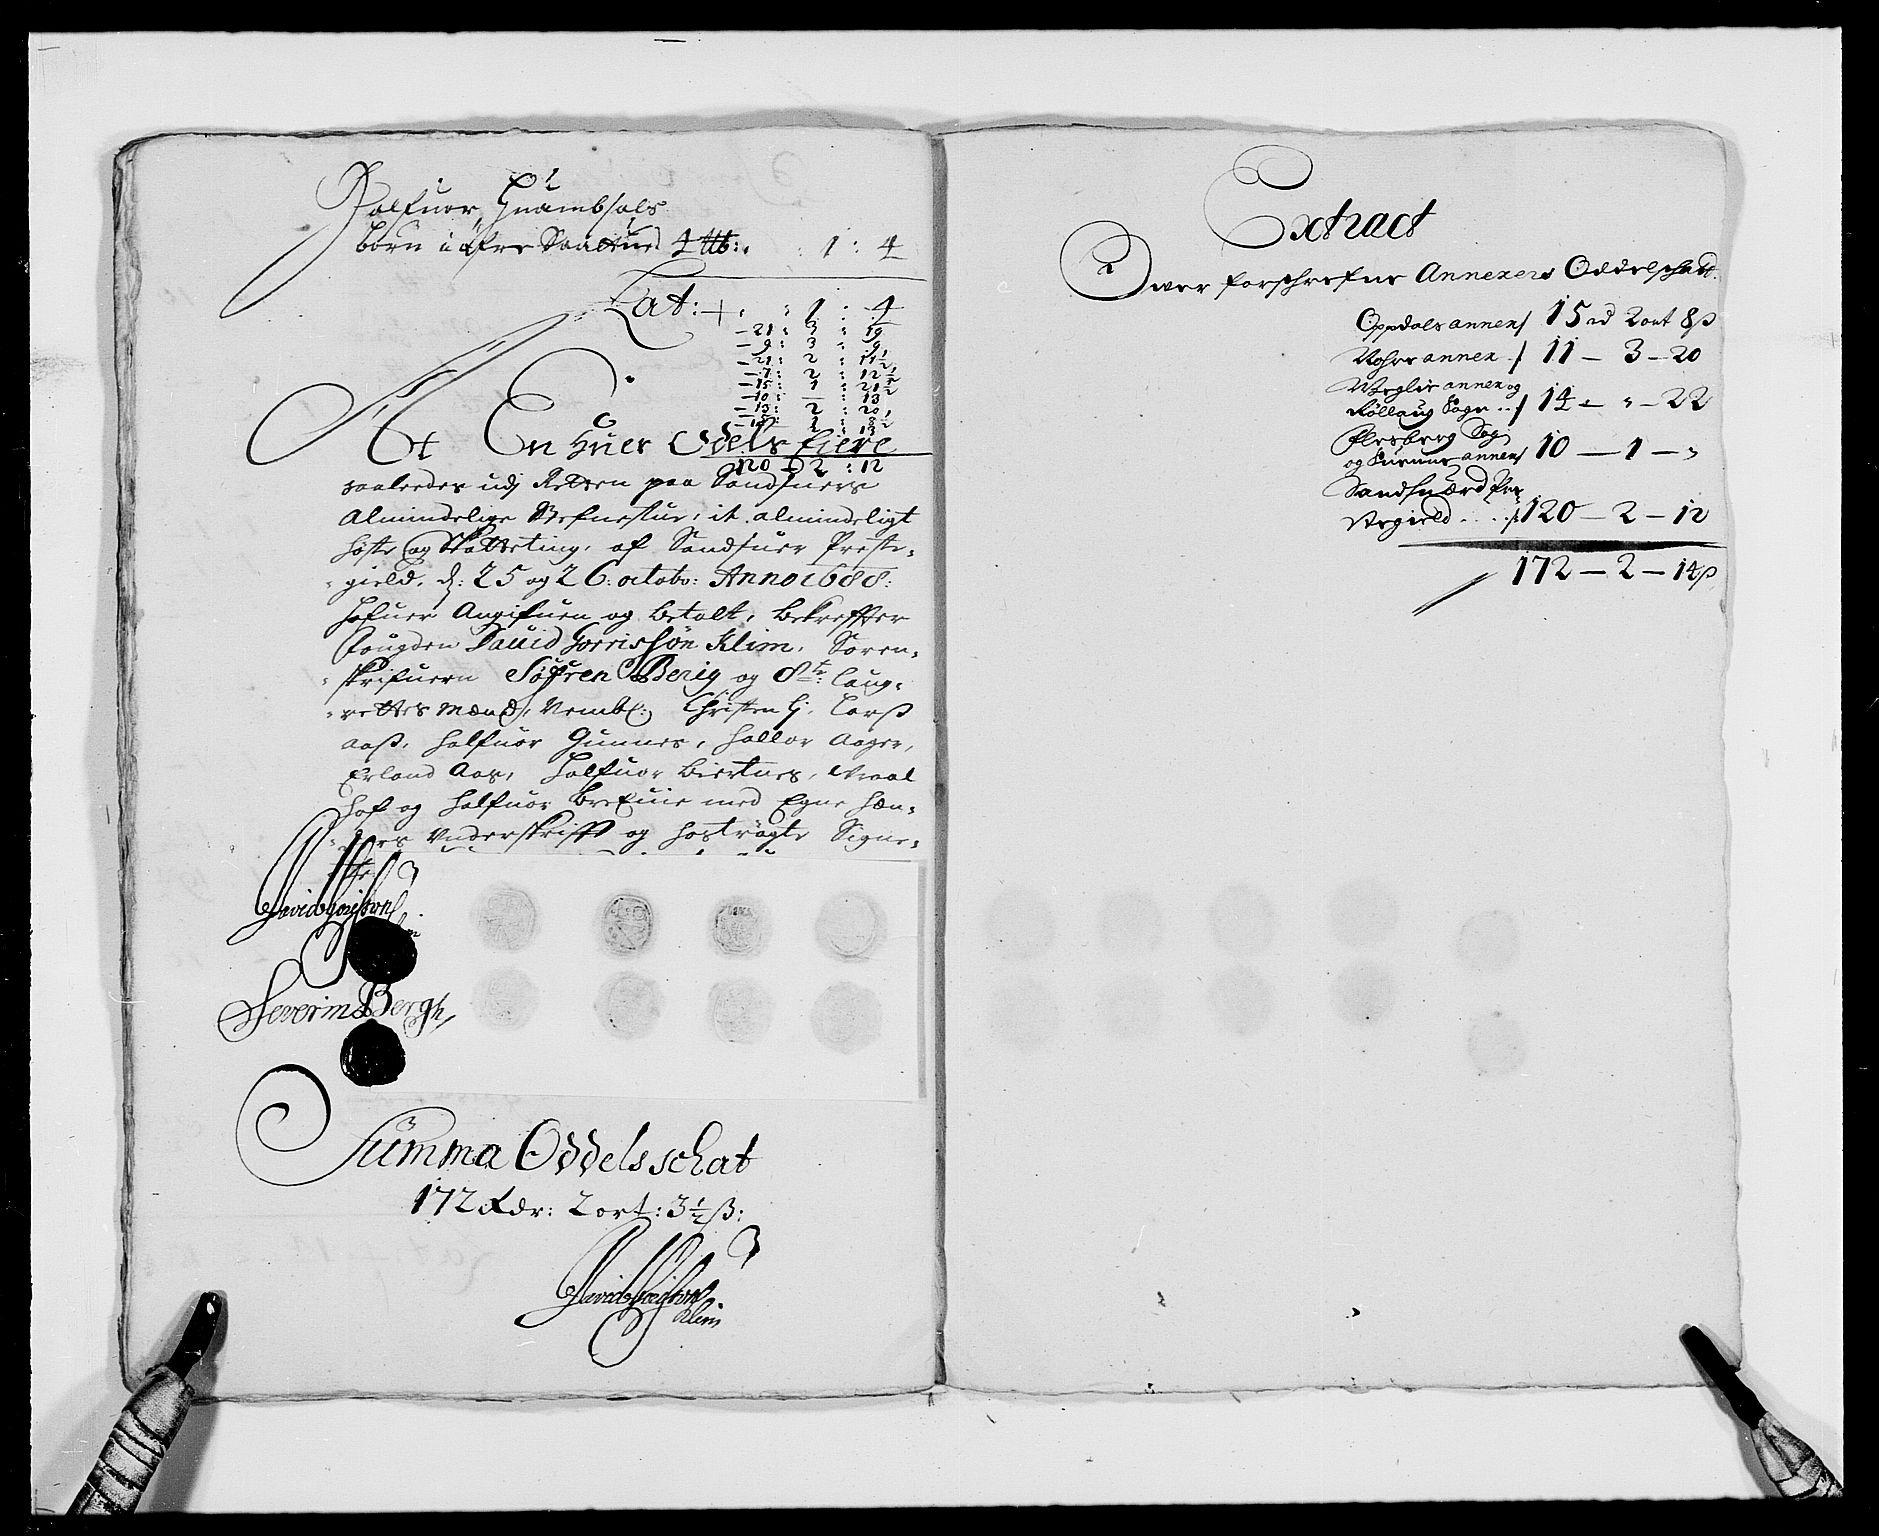 RA, Rentekammeret inntil 1814, Reviderte regnskaper, Fogderegnskap, R24/L1573: Fogderegnskap Numedal og Sandsvær, 1687-1691, s. 315